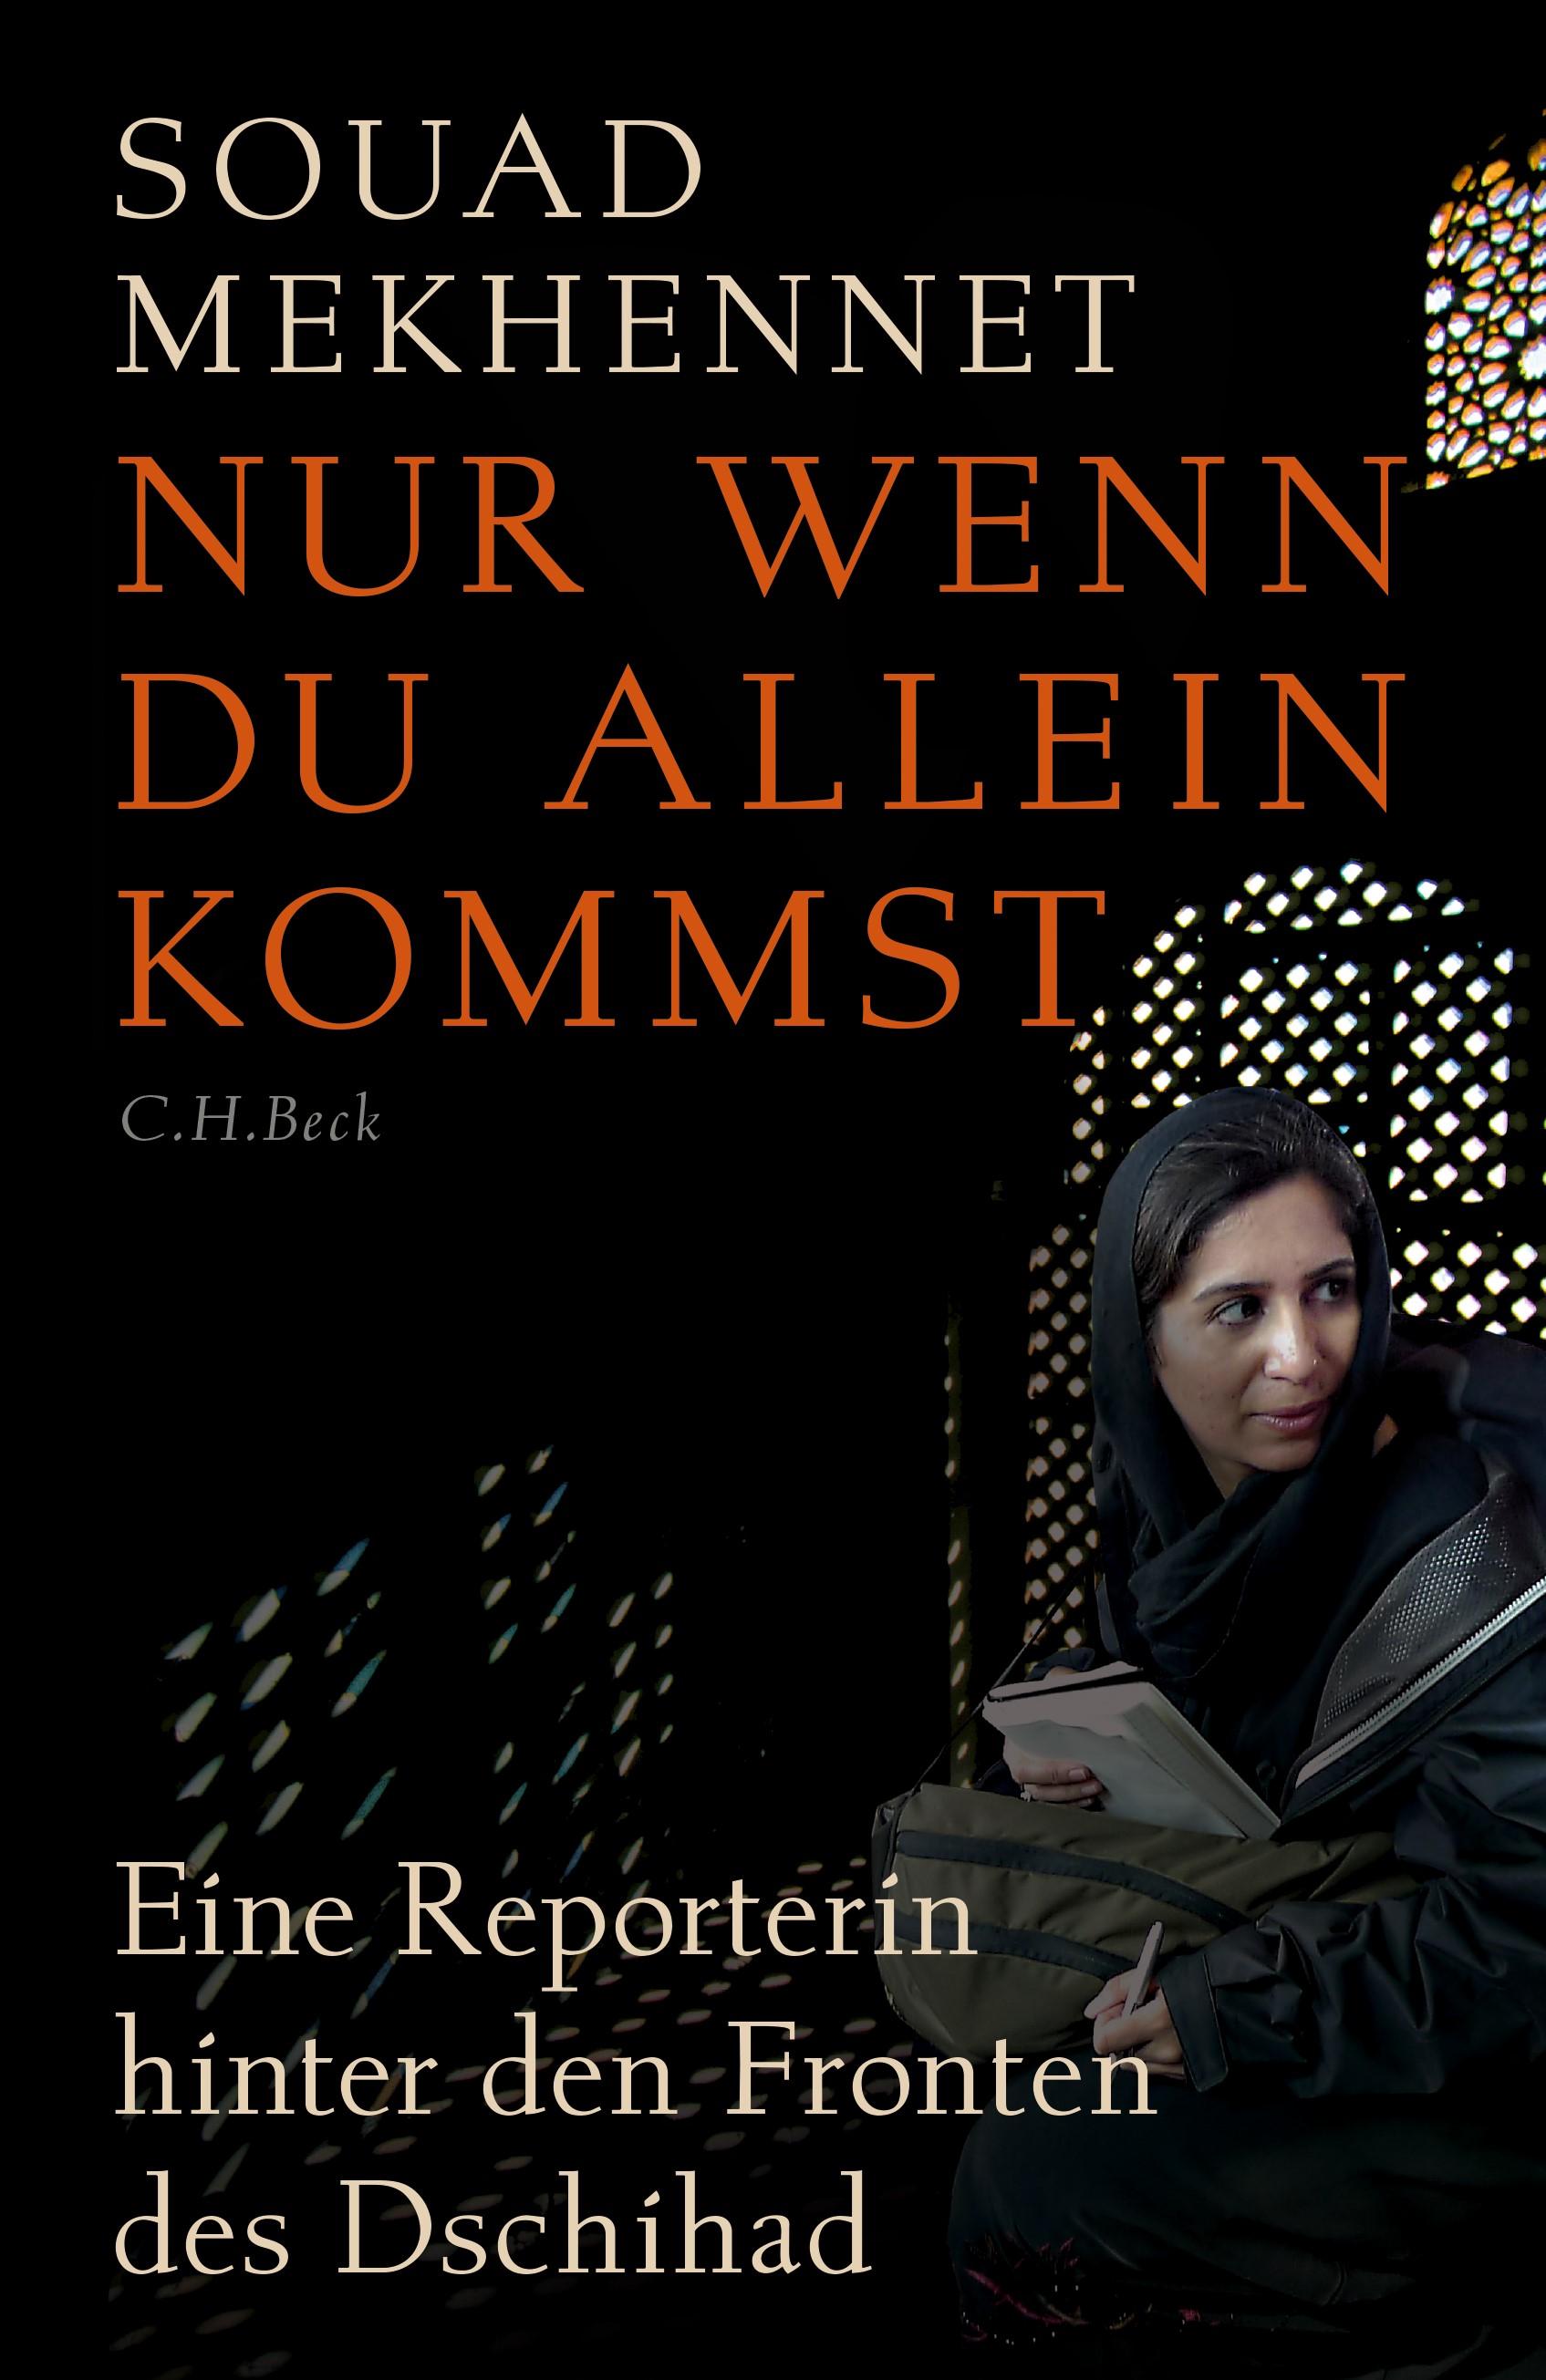 Nur wenn du allein kommst | Mekhennet, Souad | 4. Auflage, 2017 | Buch (Cover)